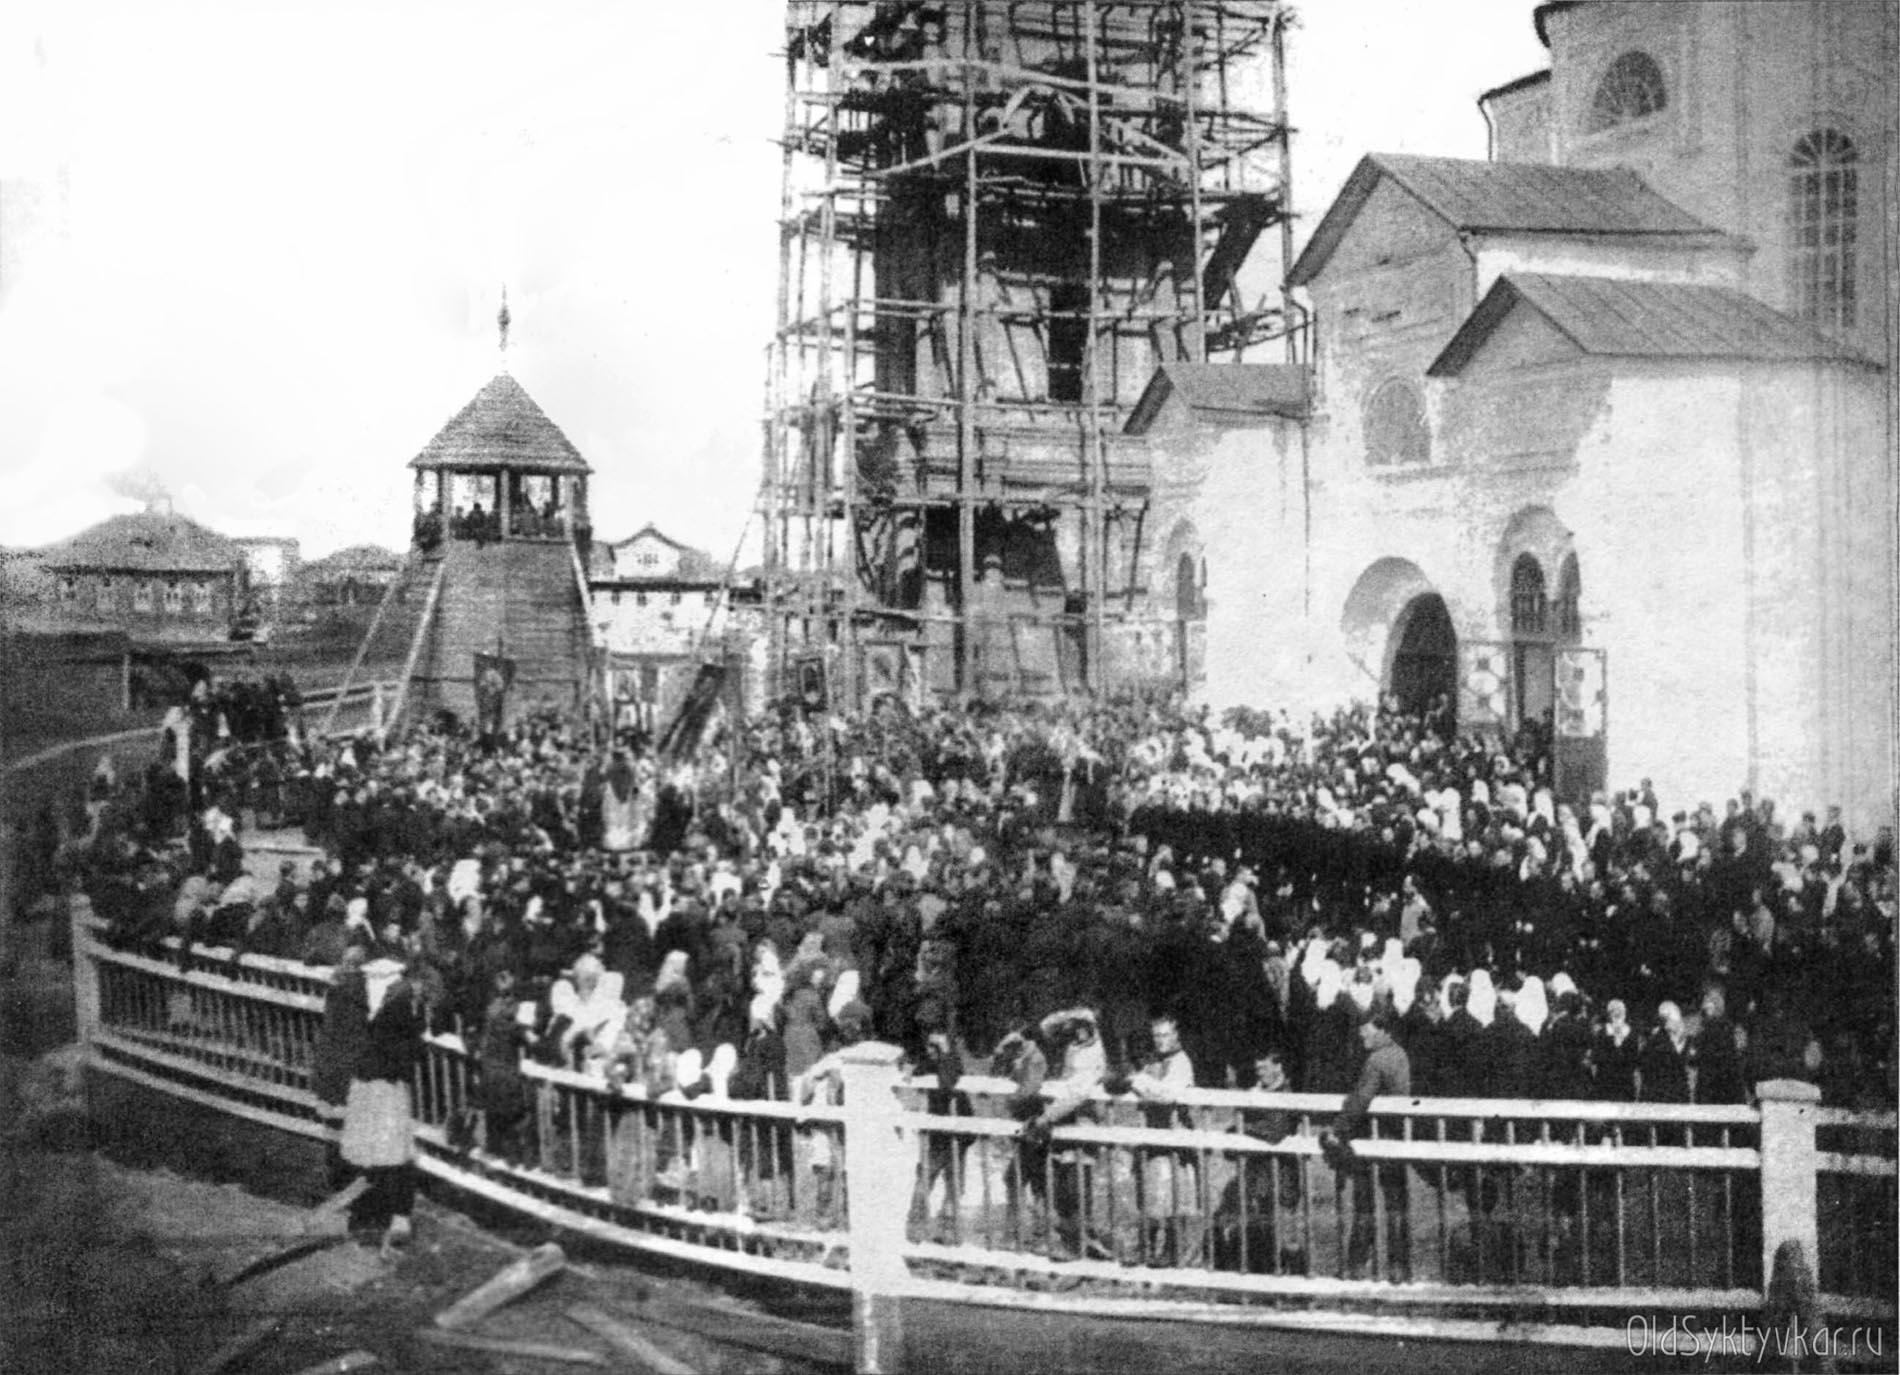 Стефановская церковь в день освящения 16 апреля 1896 года